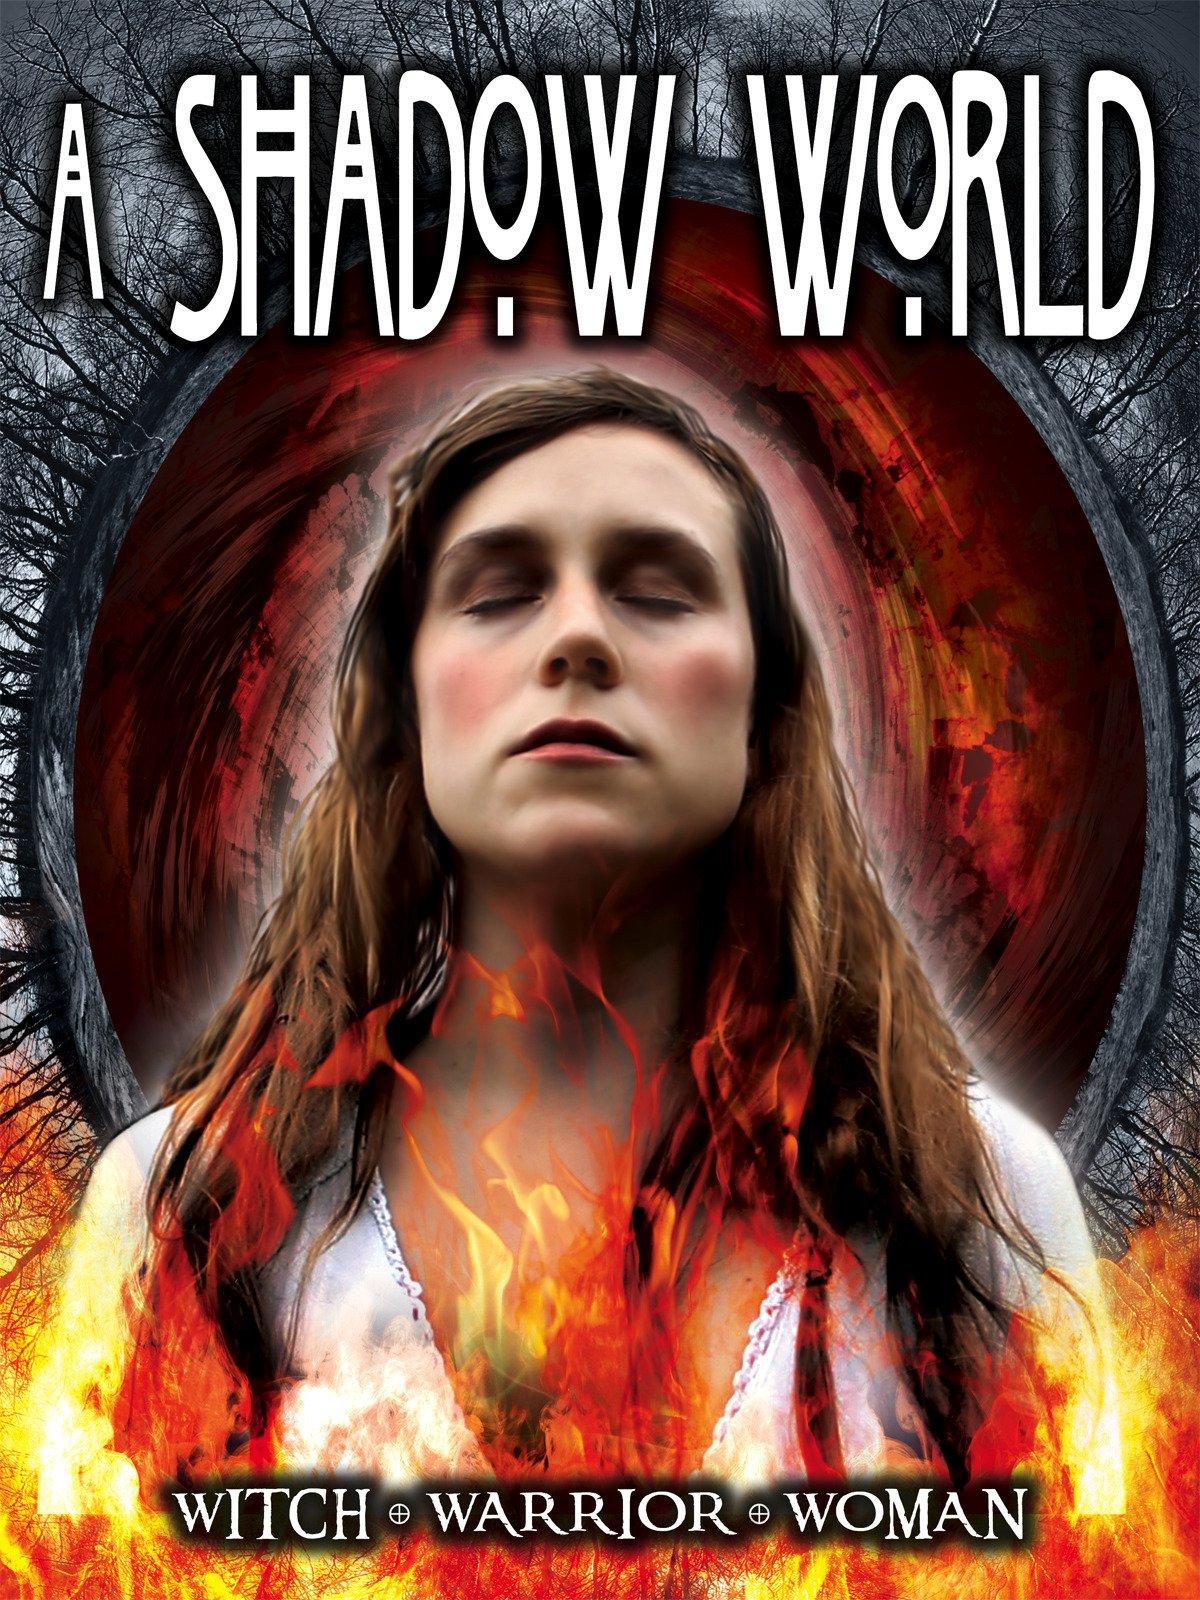 A Shadow World